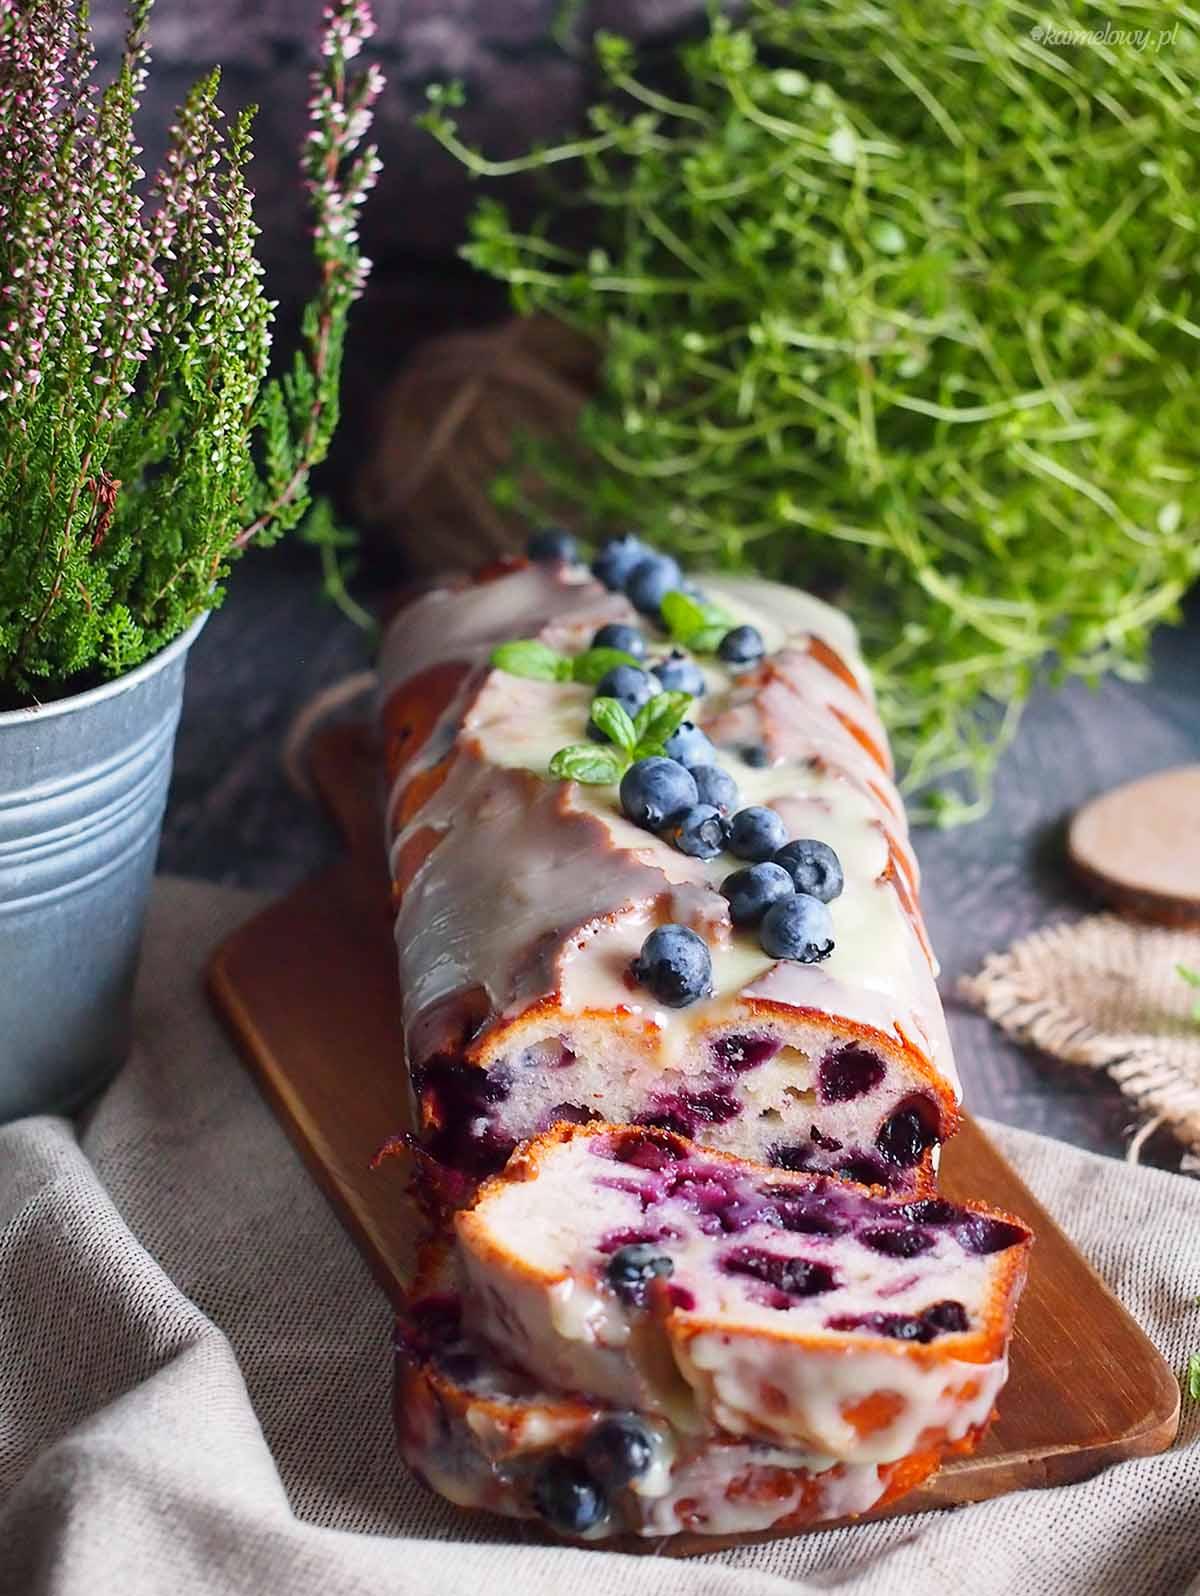 Cytrynowe-ciasto-jogurtowe-z-jagodami-Lemon-blueberry-yogurt-cake